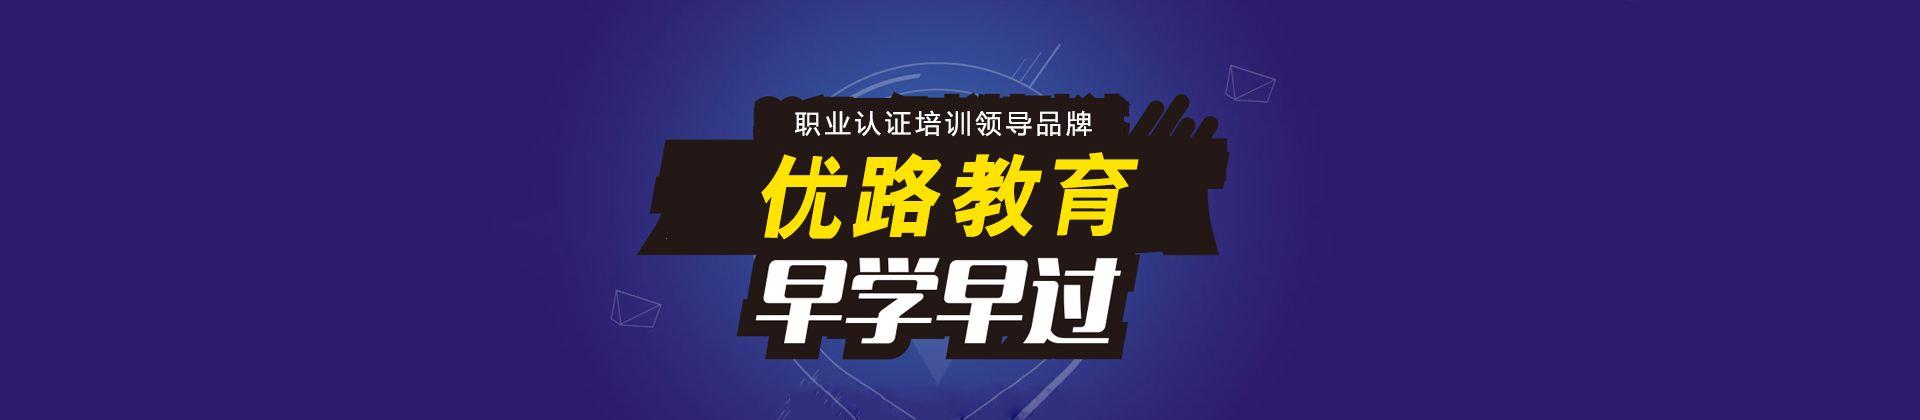 辽宁辽阳优路教育培训学校